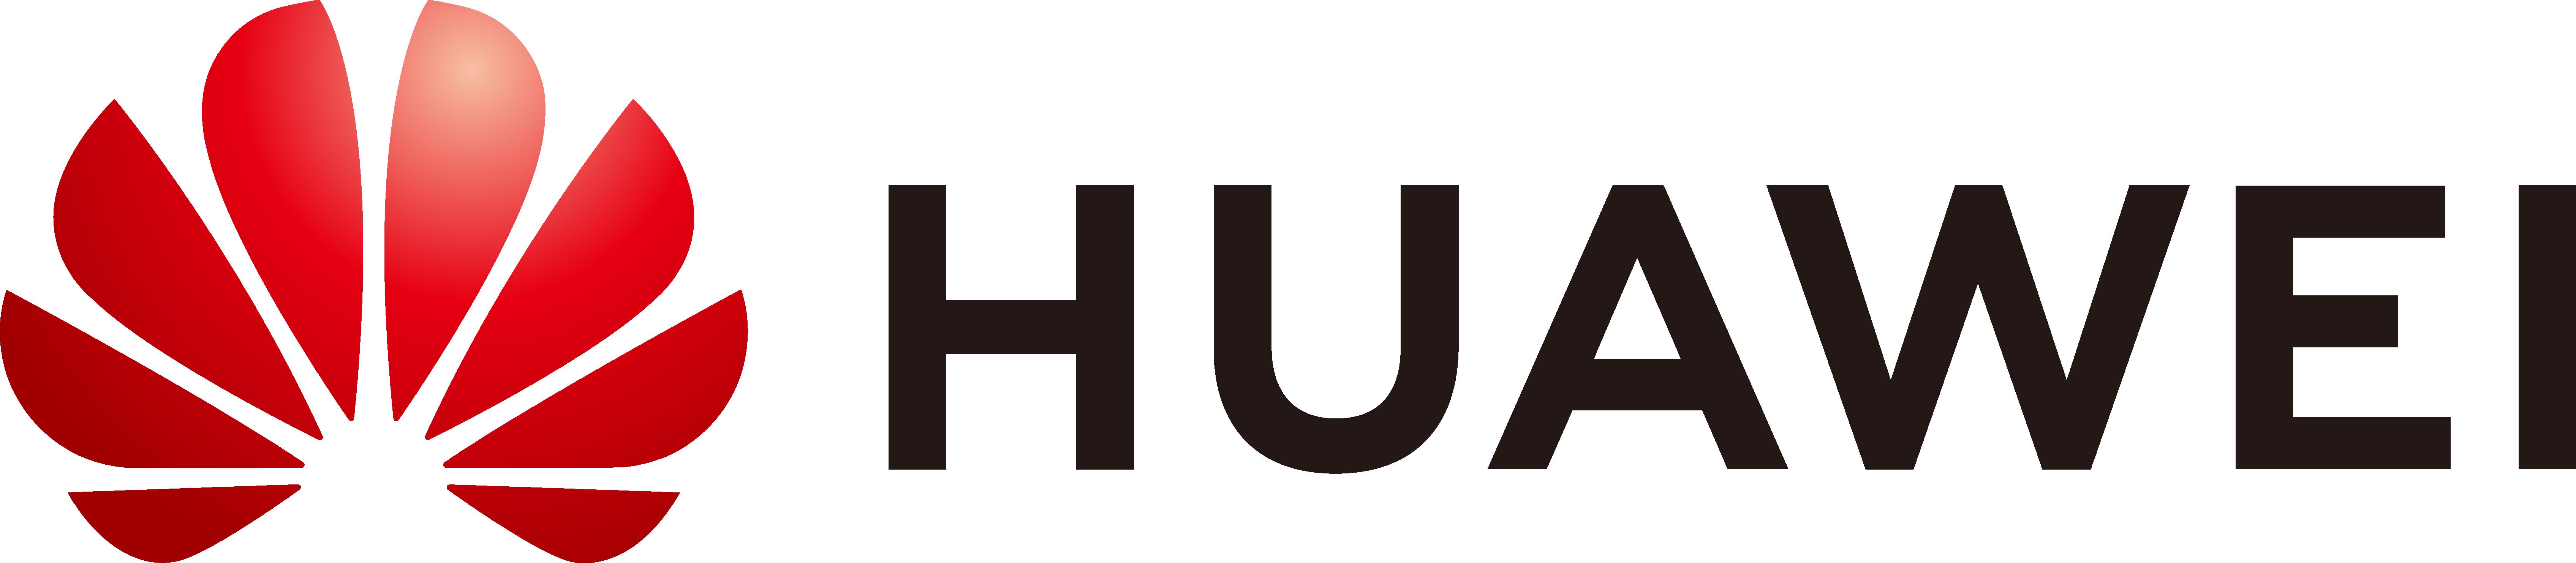 华为(苏州)人工智能创新中心、苏州工业园区科技发展有限公司